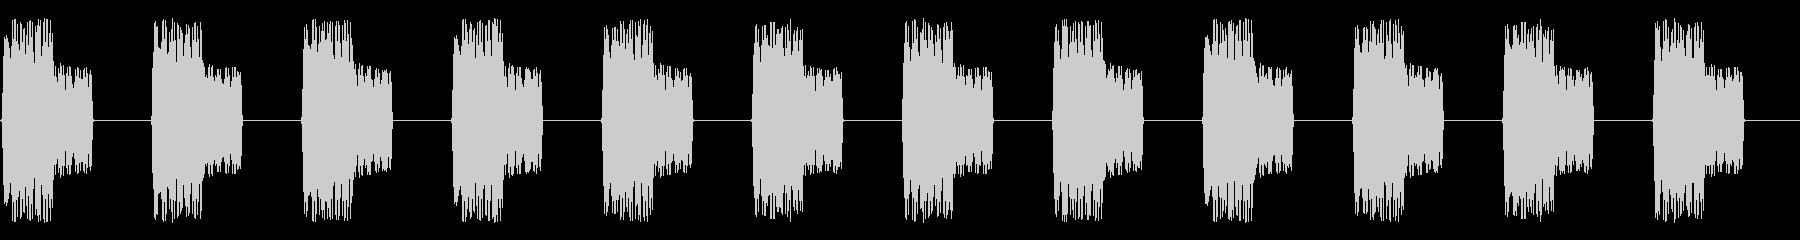 電子ブザースペースアラームの未再生の波形